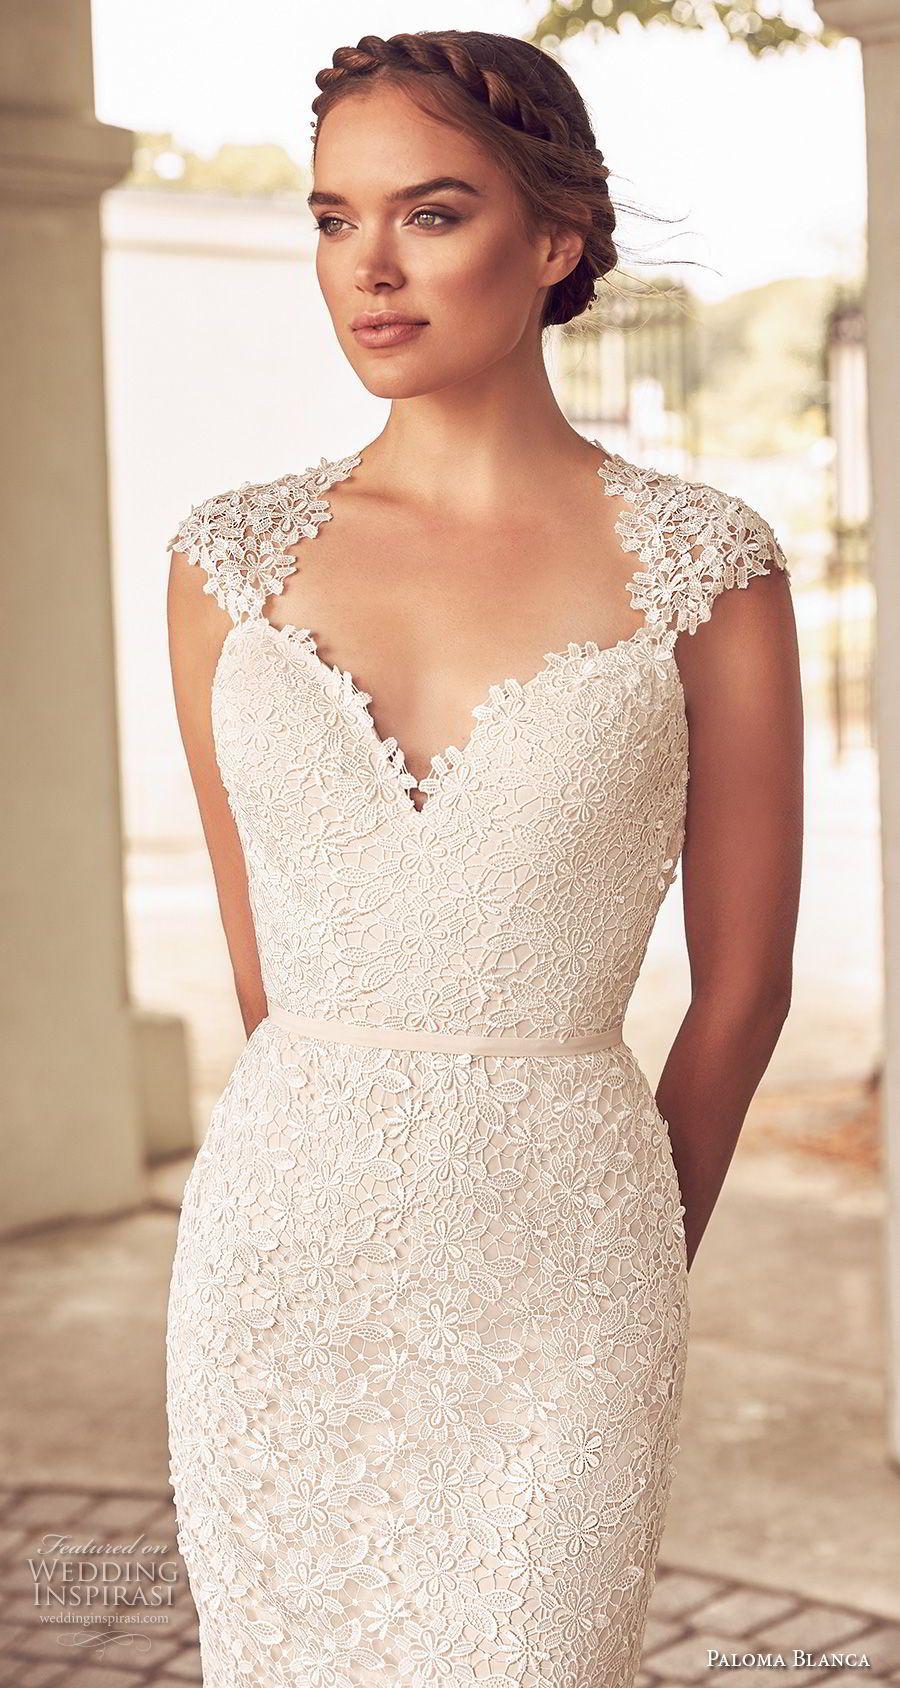 Paloma Blanca Spring 2018 Wedding Dresses | Hochzeitskleid, Zug und ...